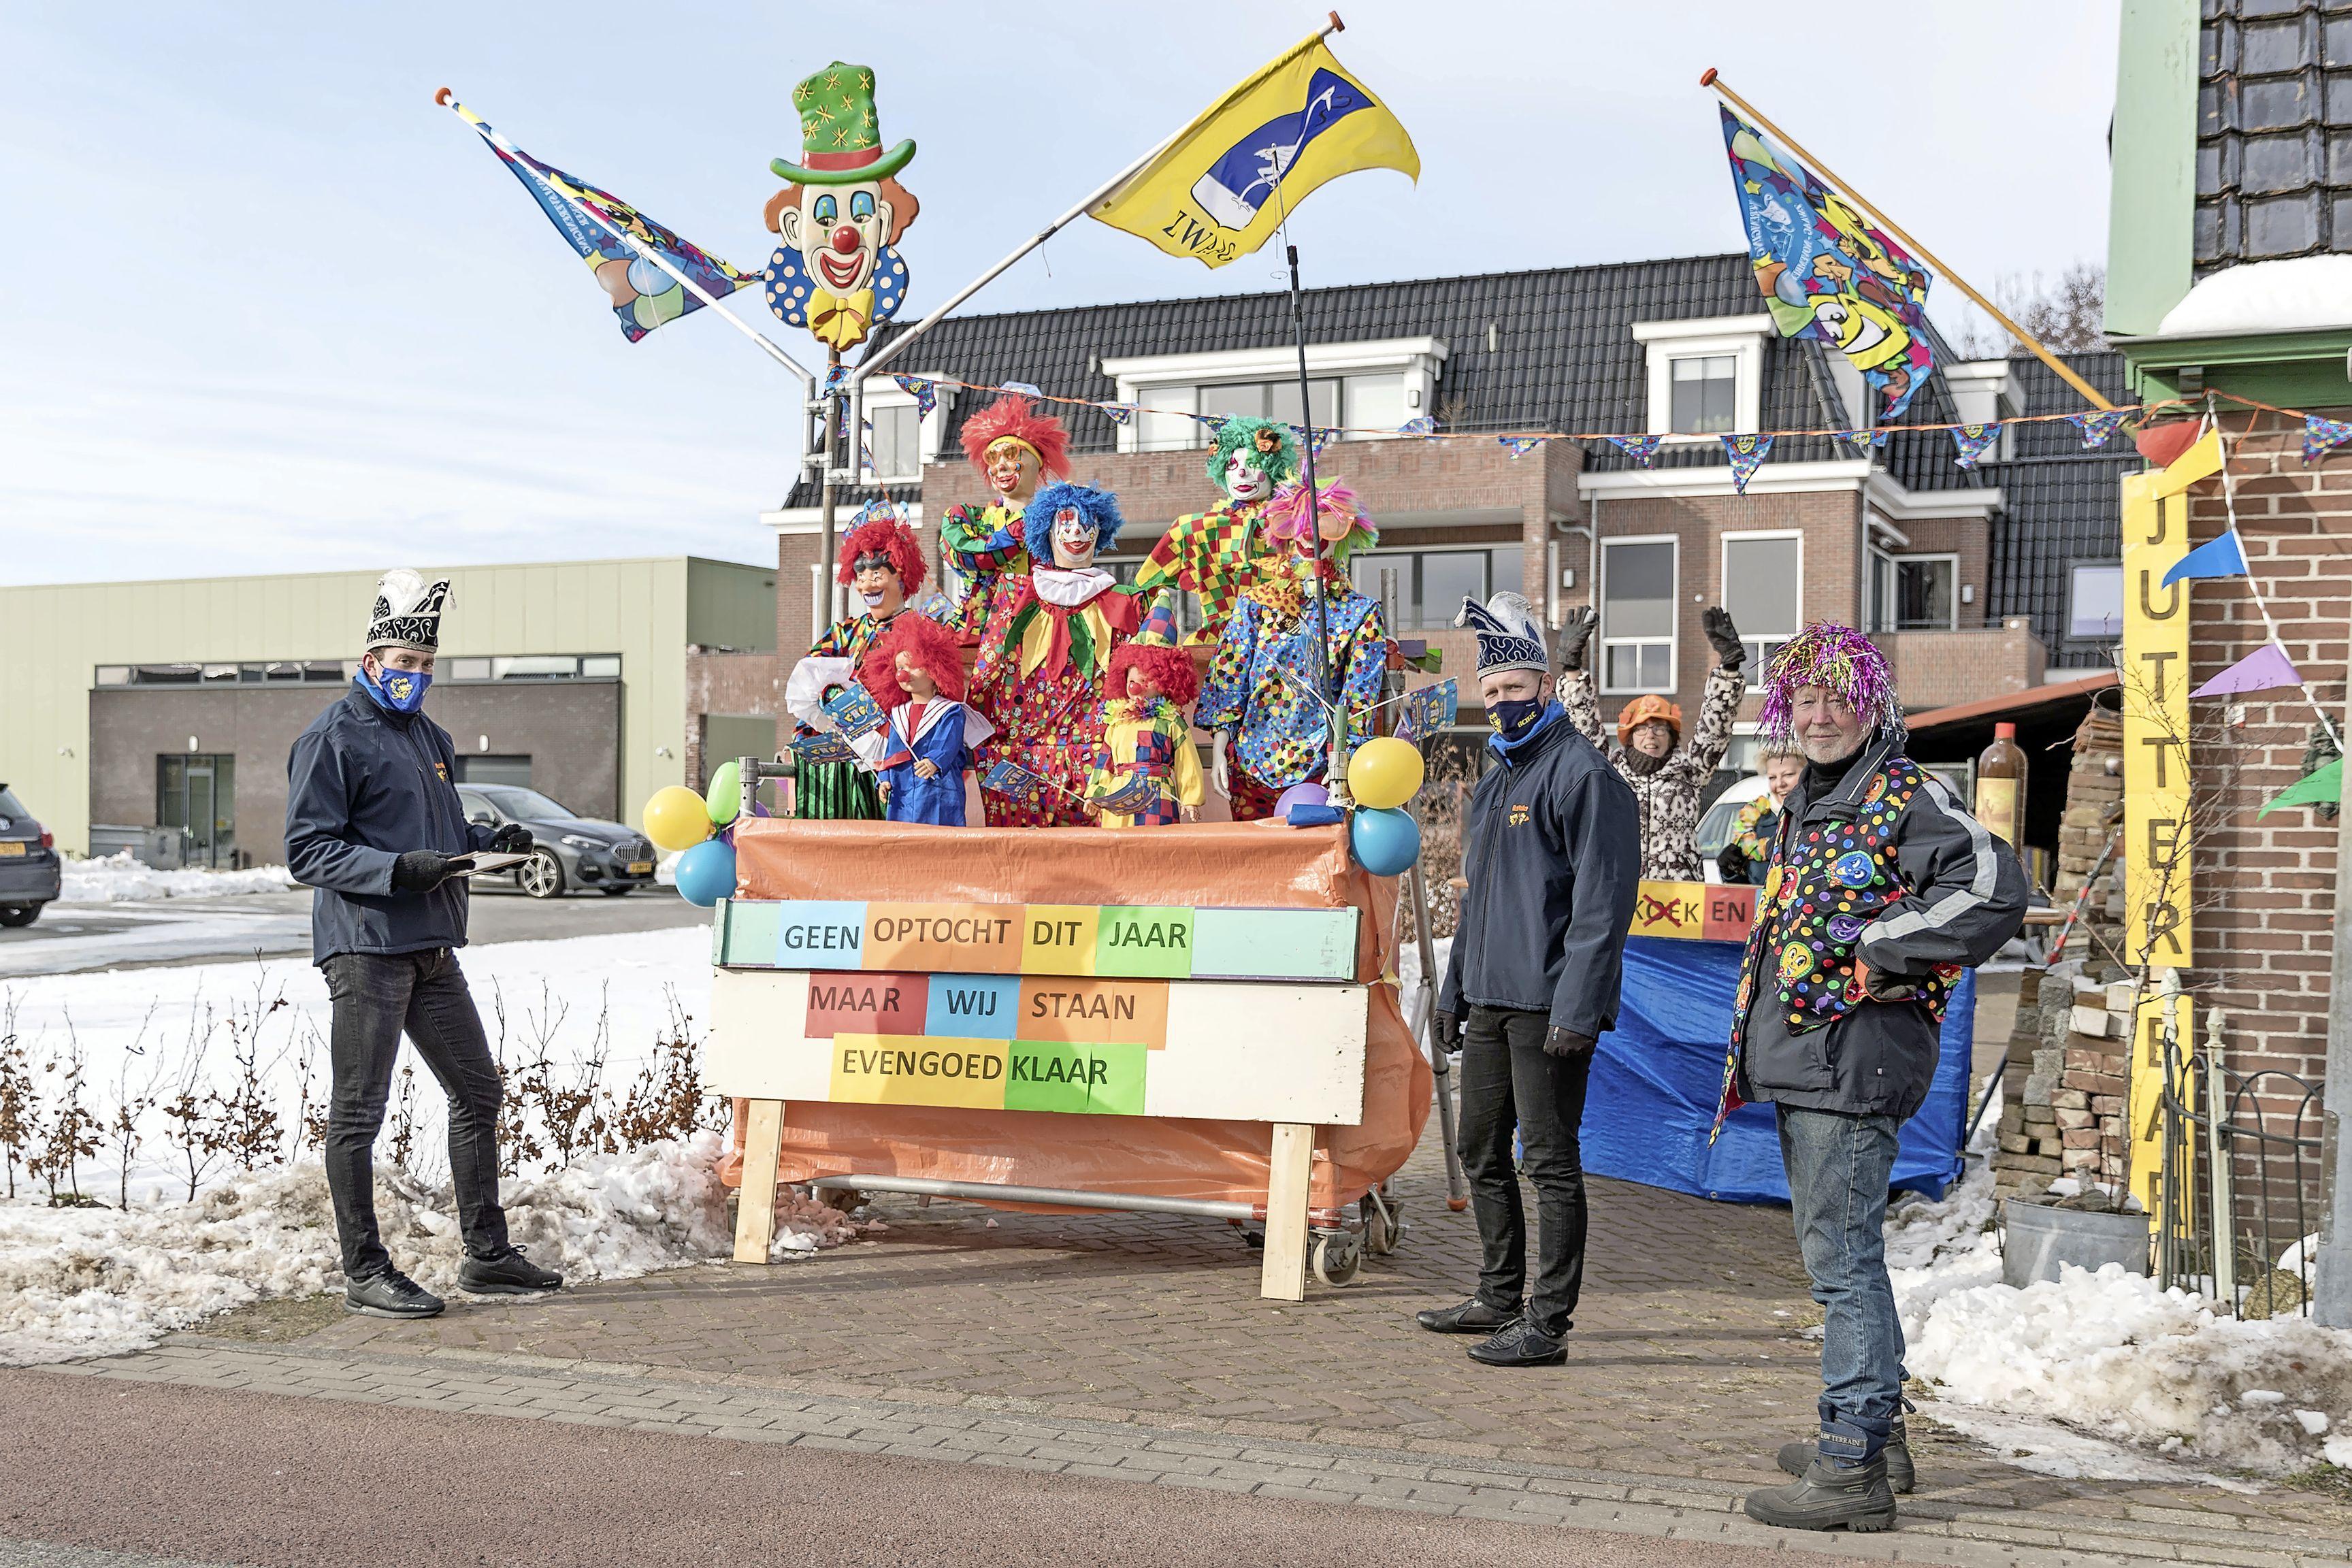 Geen praalwagens in Zwaag, maar creatieve bewoners tuigen huizen op in carnavaleske sferen.